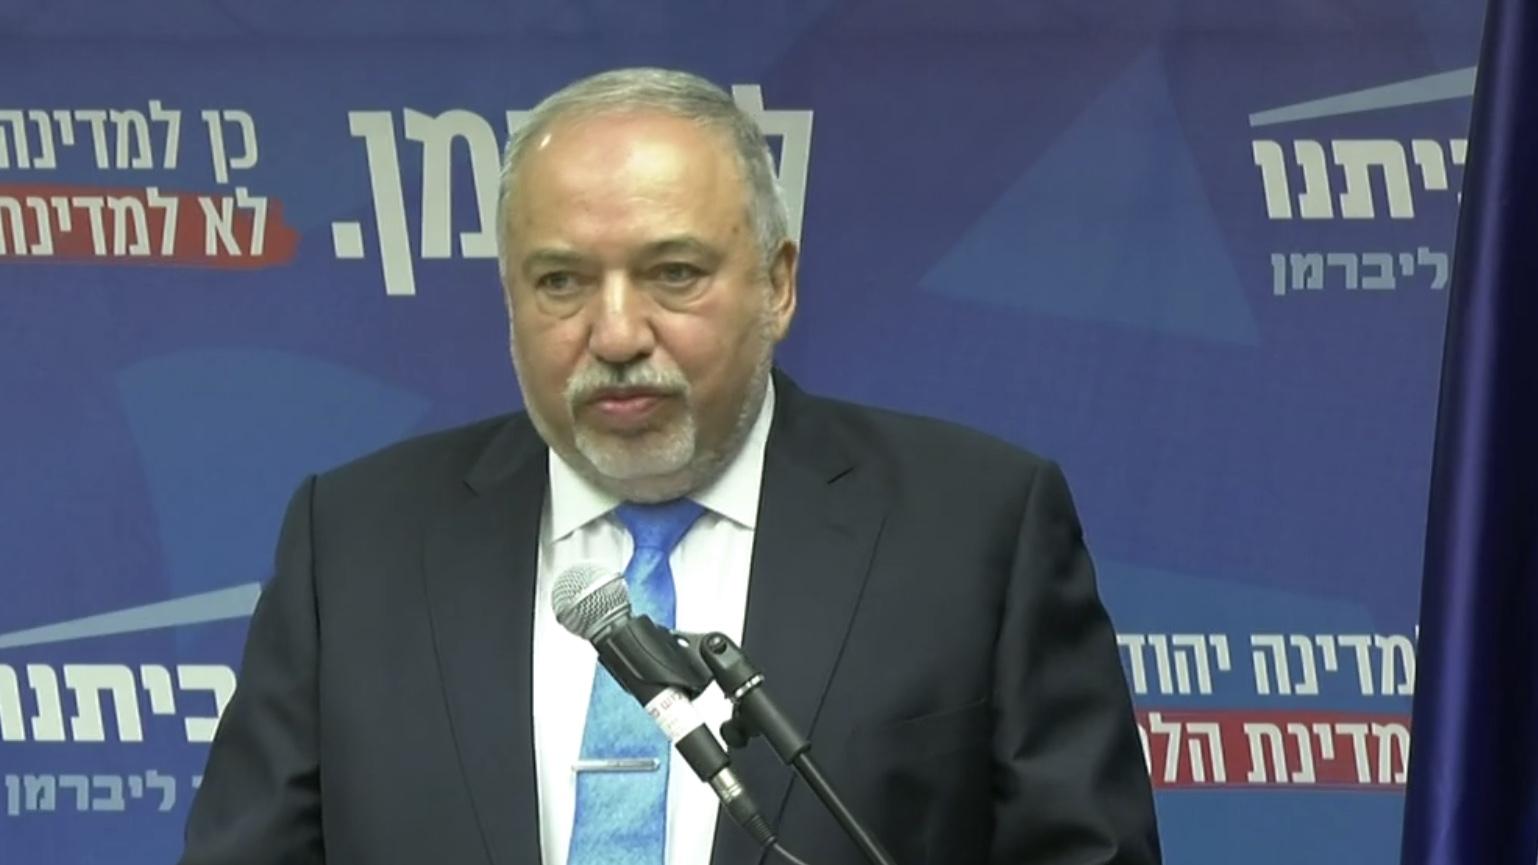 הליכוד ליועמ״ש: פתח בחקירה פלילית בחשד למעורבות ליברמן בפרשת ״ישראל ביתנו״